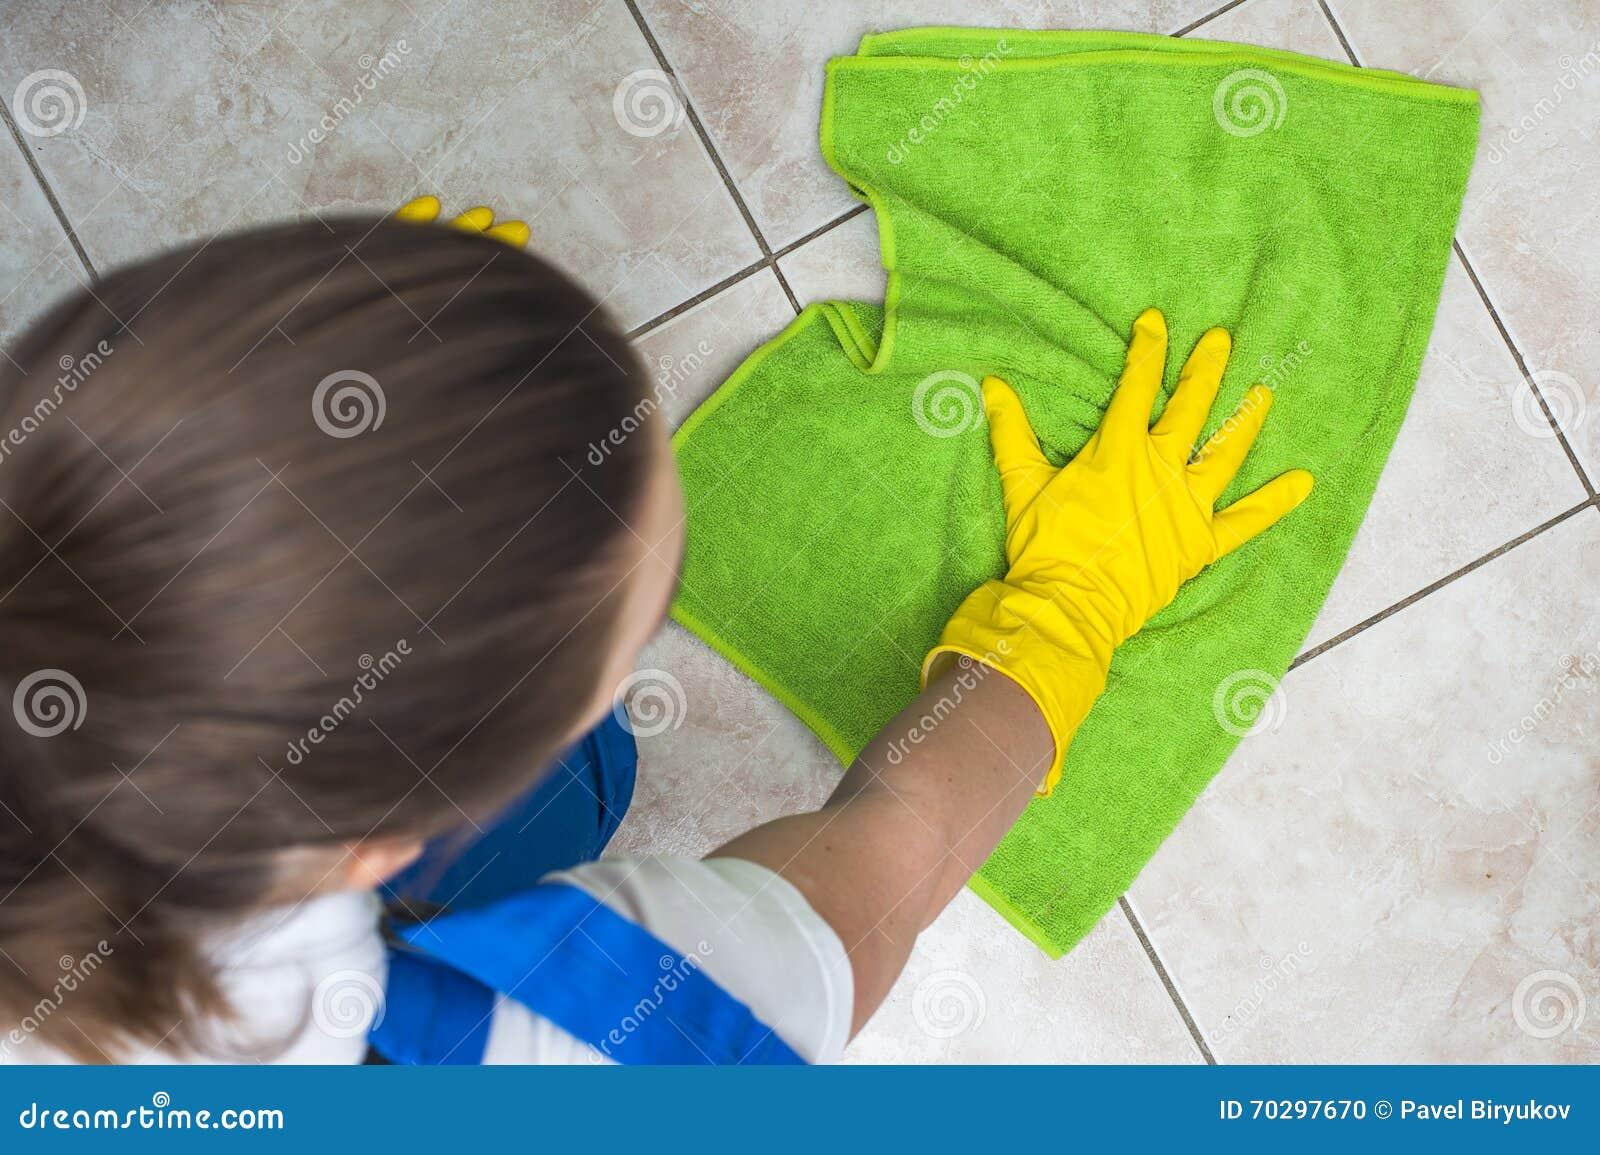 Frau in waschenden Böden der Arbeitskleidung mit grünem Lappen